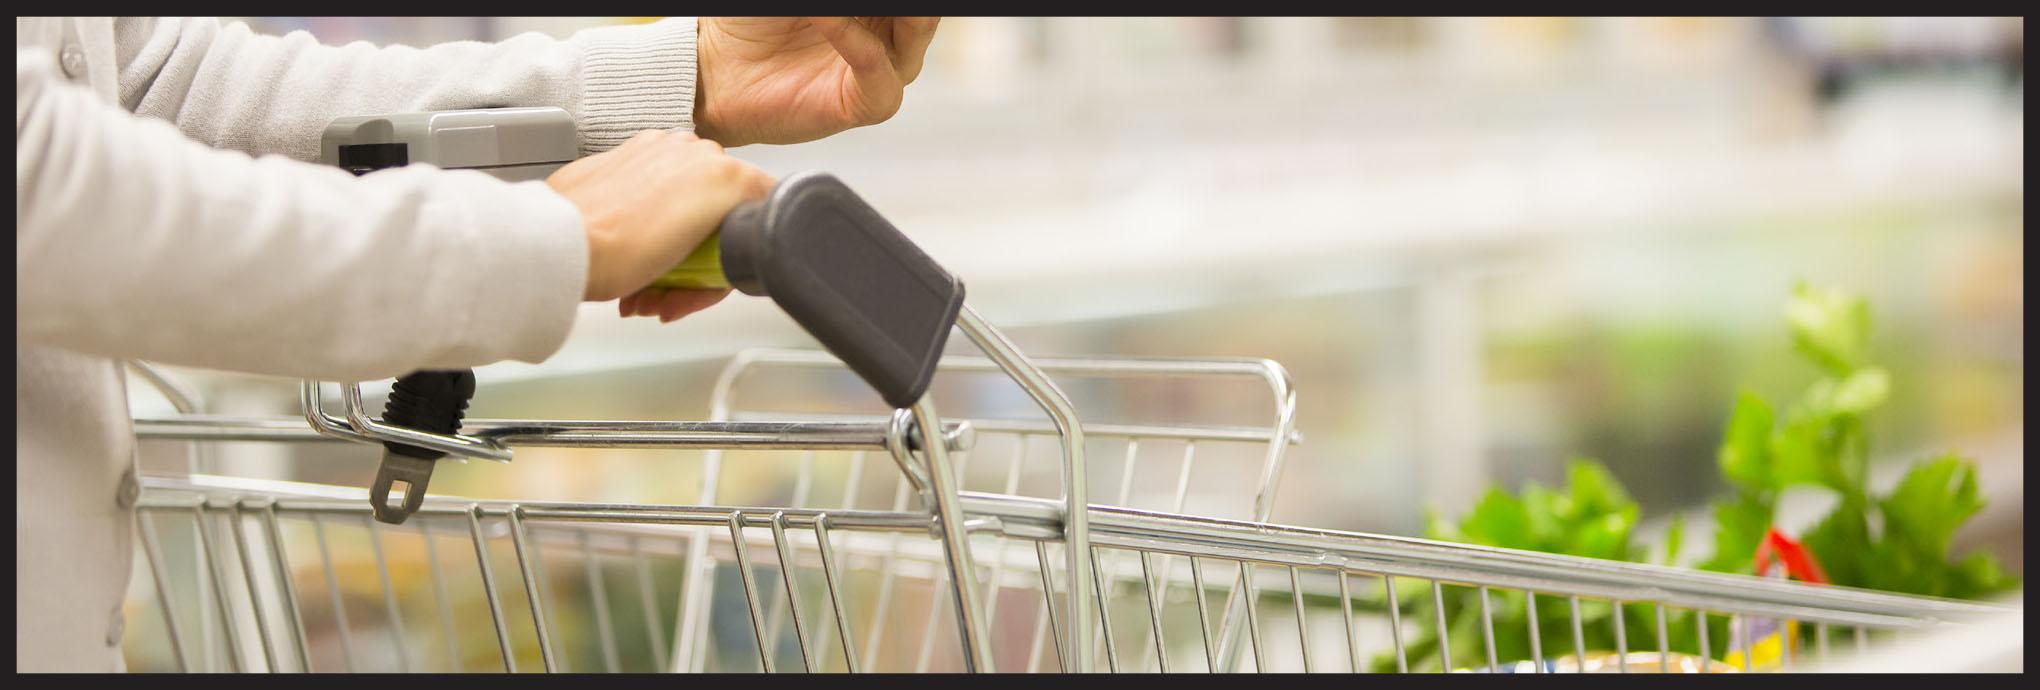 WMI_grocery_Header.jpg